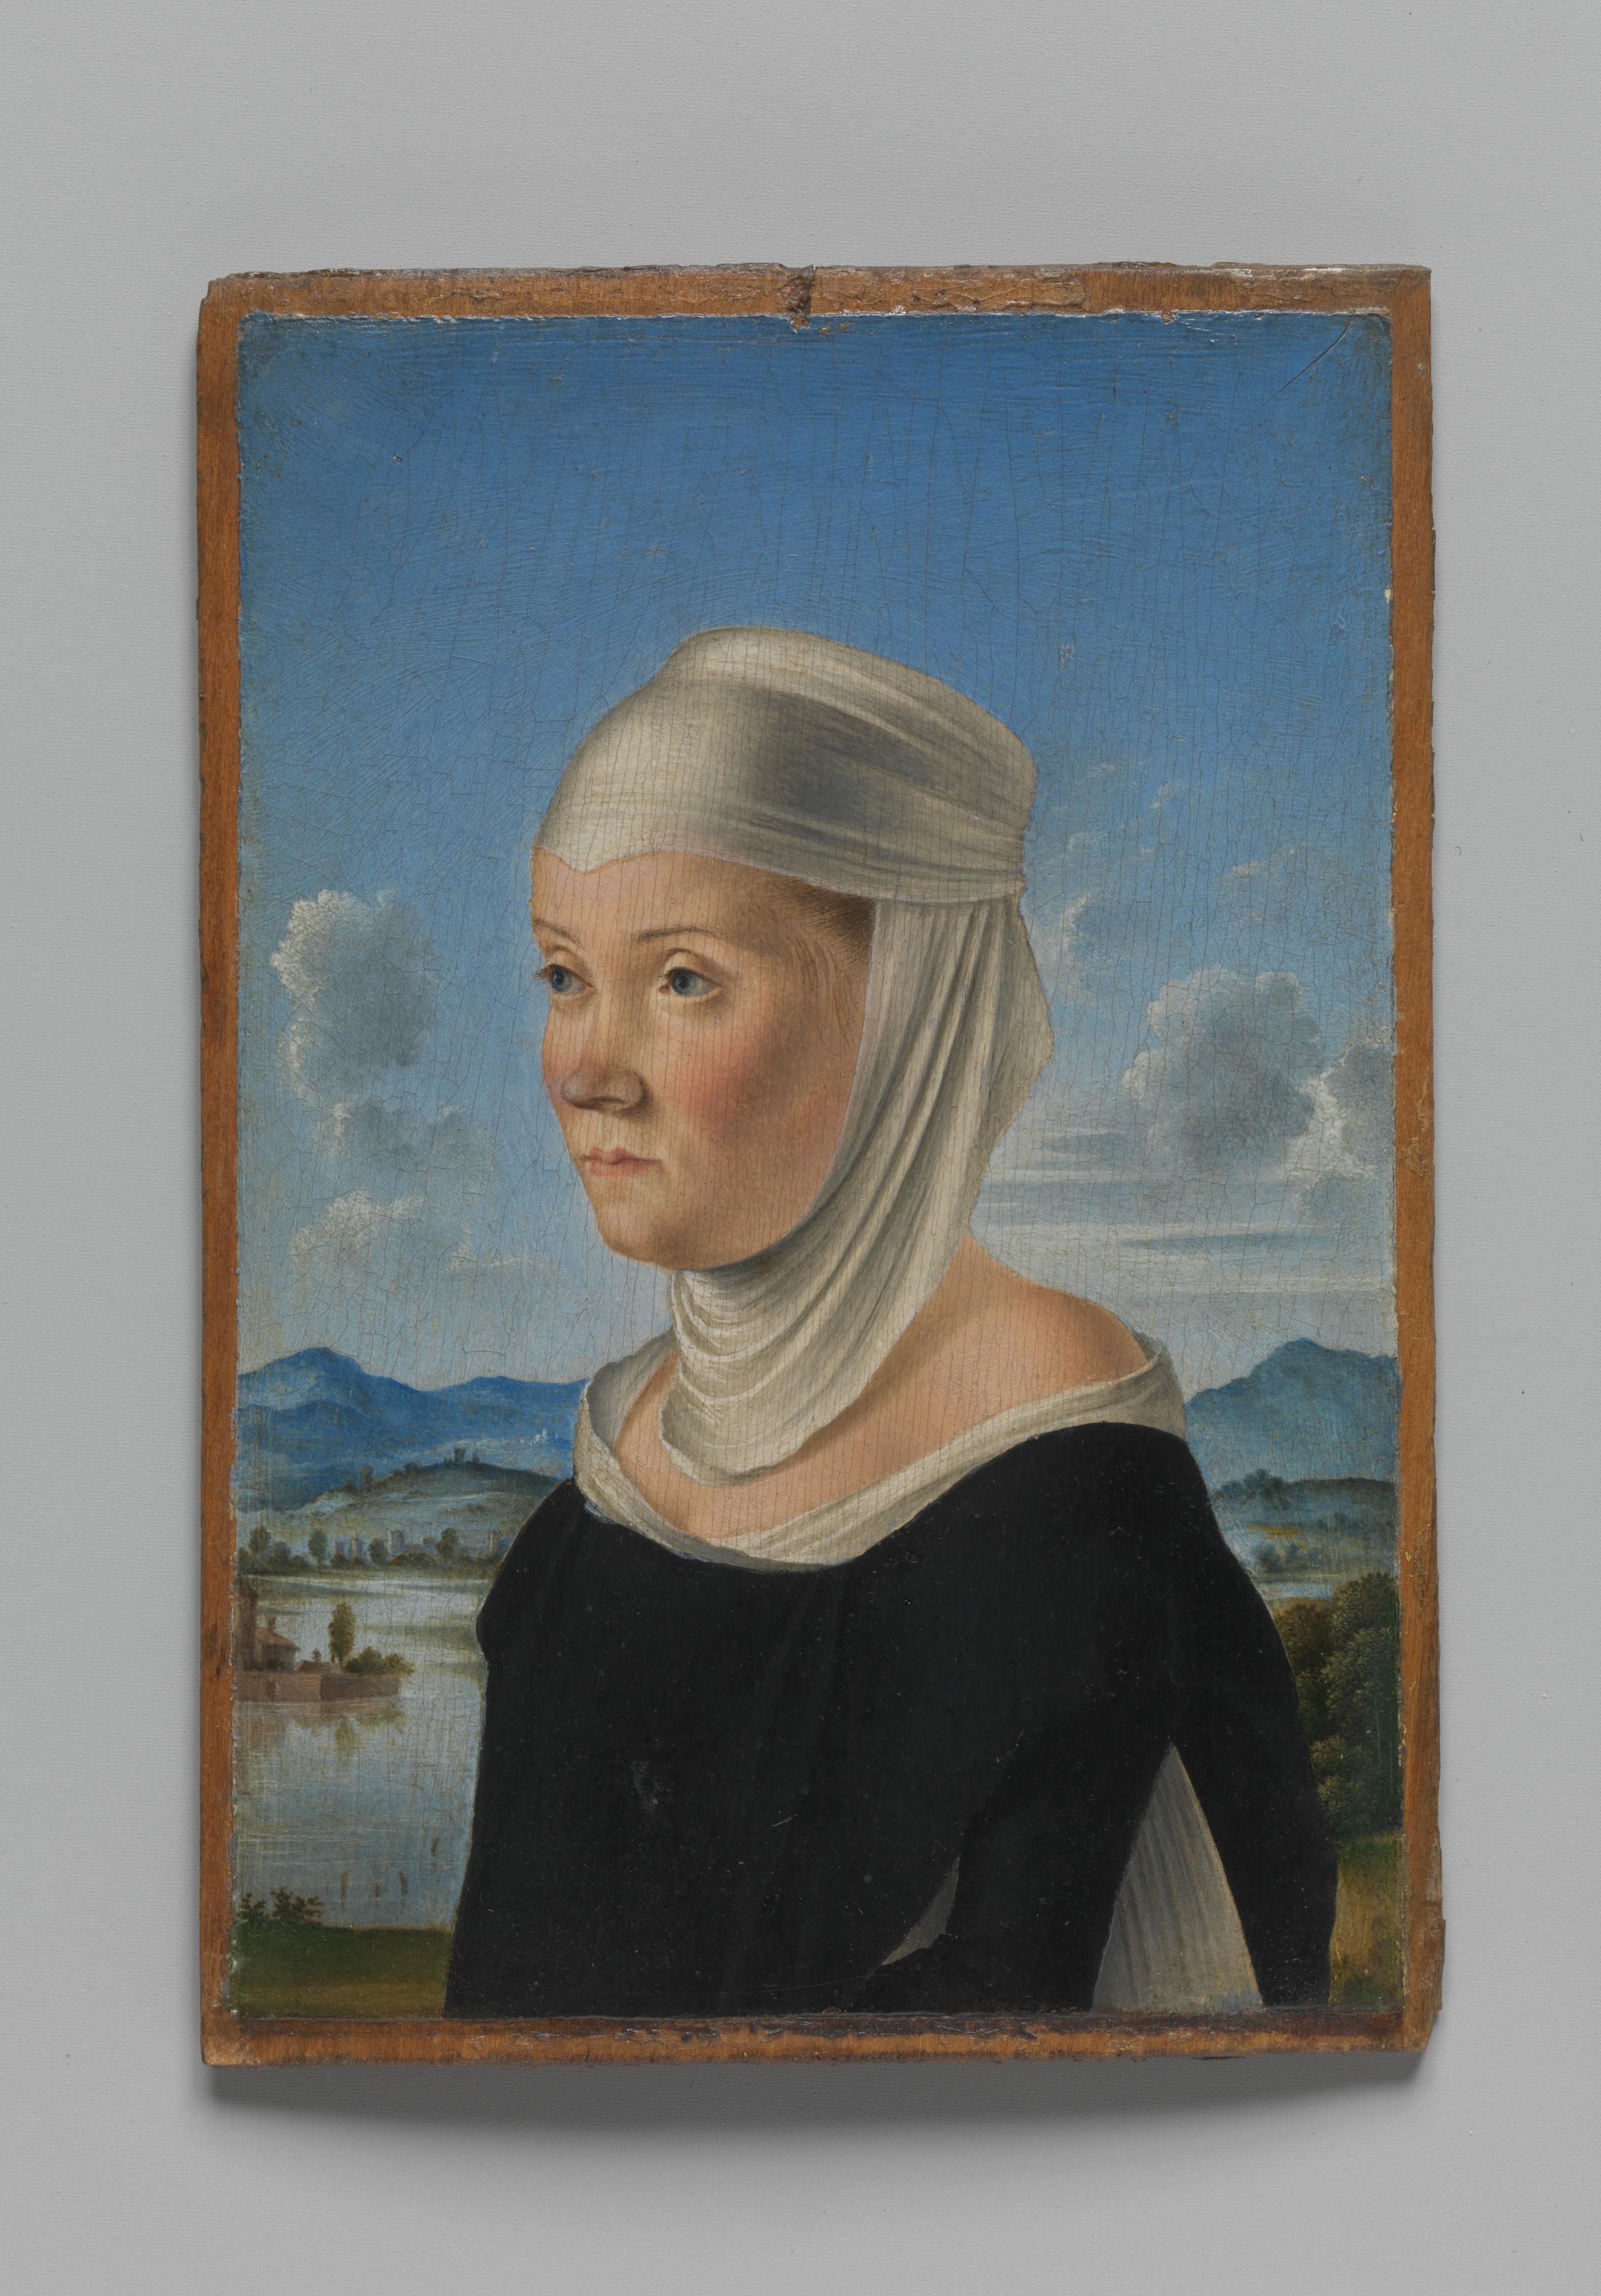 Jacometto Jacometto Veneziano Portrait Of A Woman